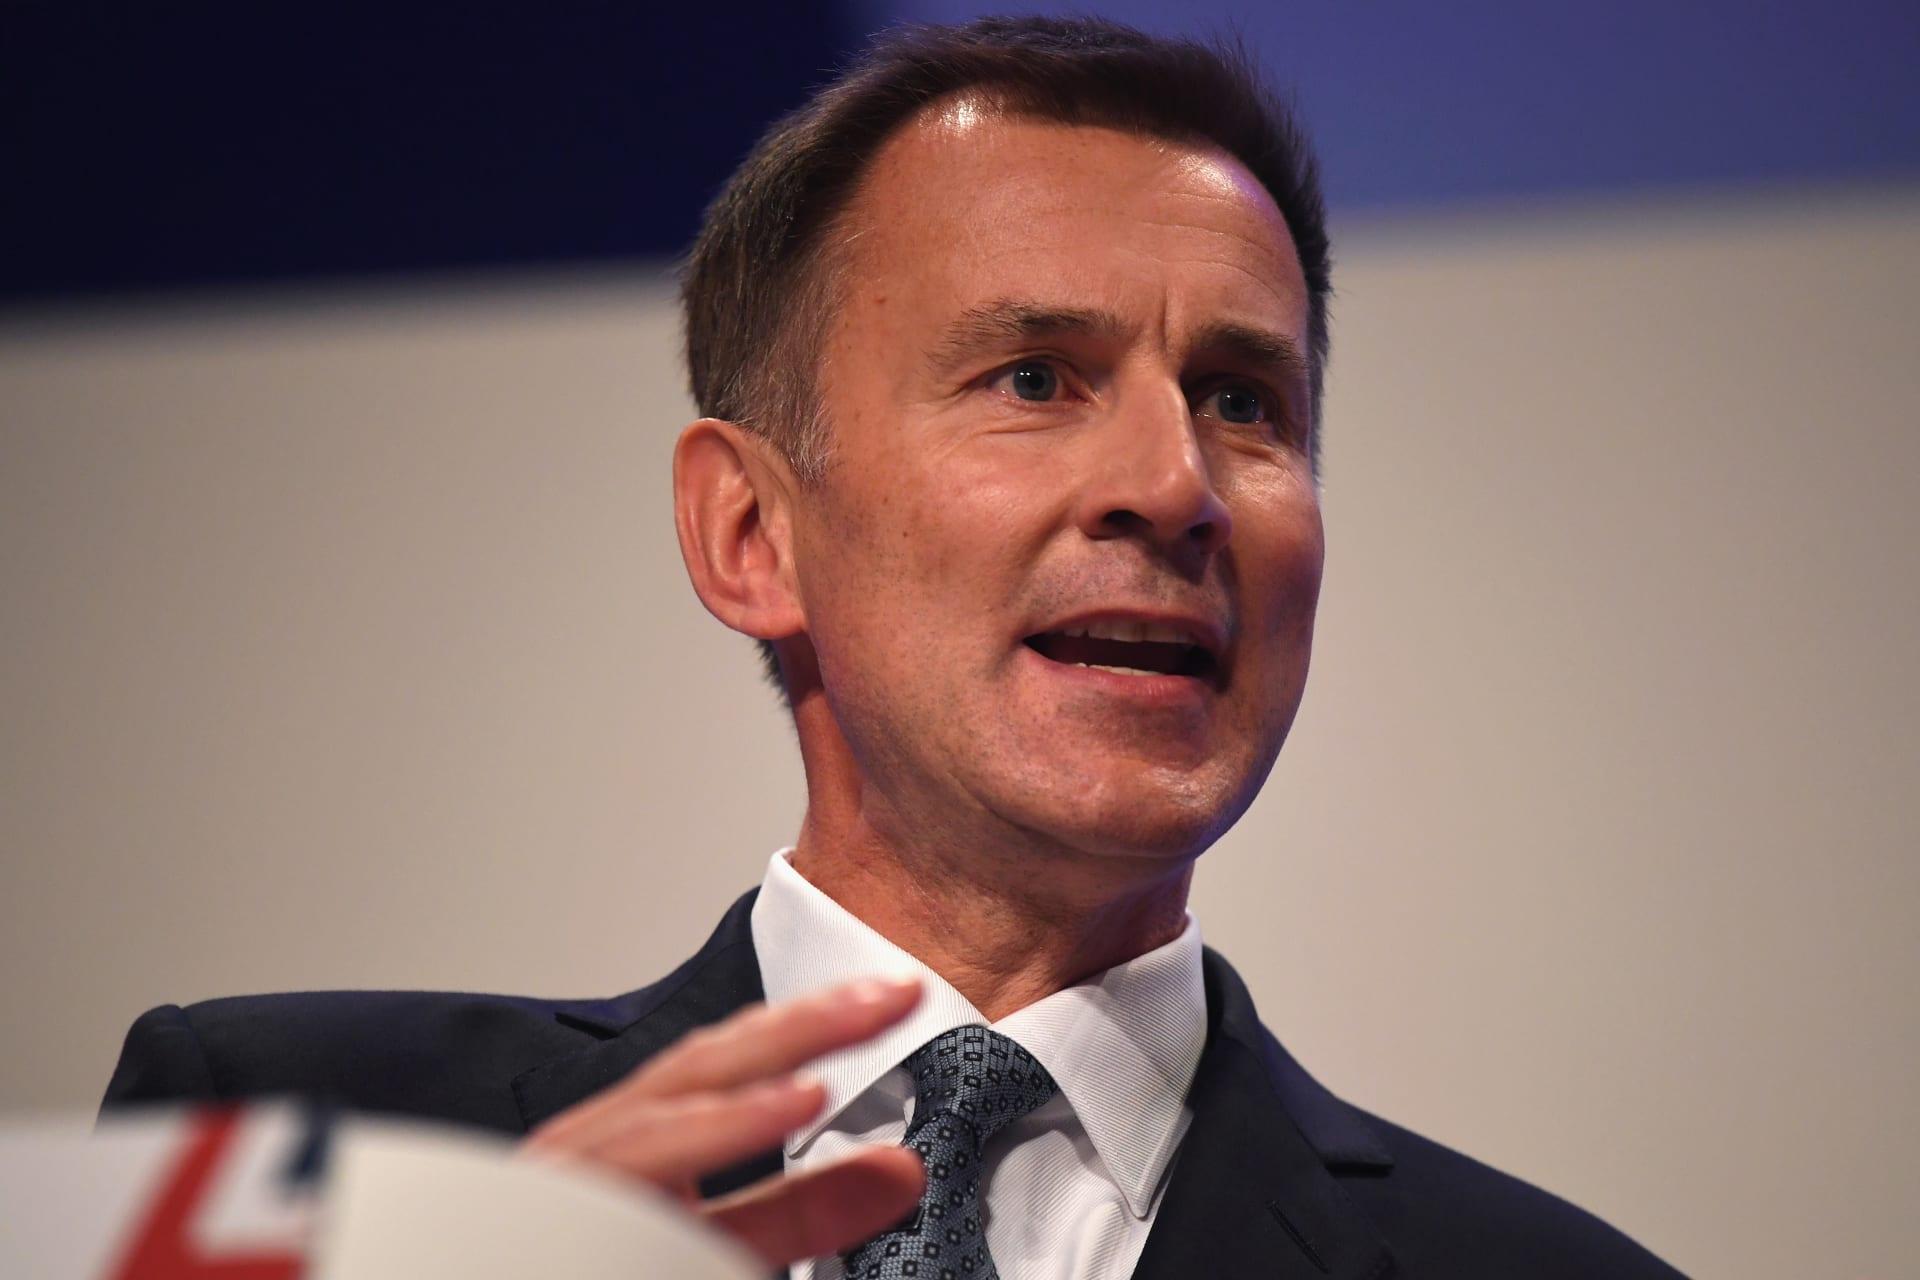 الخارجية البريطانية: عبرنا عن قلقنا للإمارات بشأن احتجاز أكاديمي بريطاني